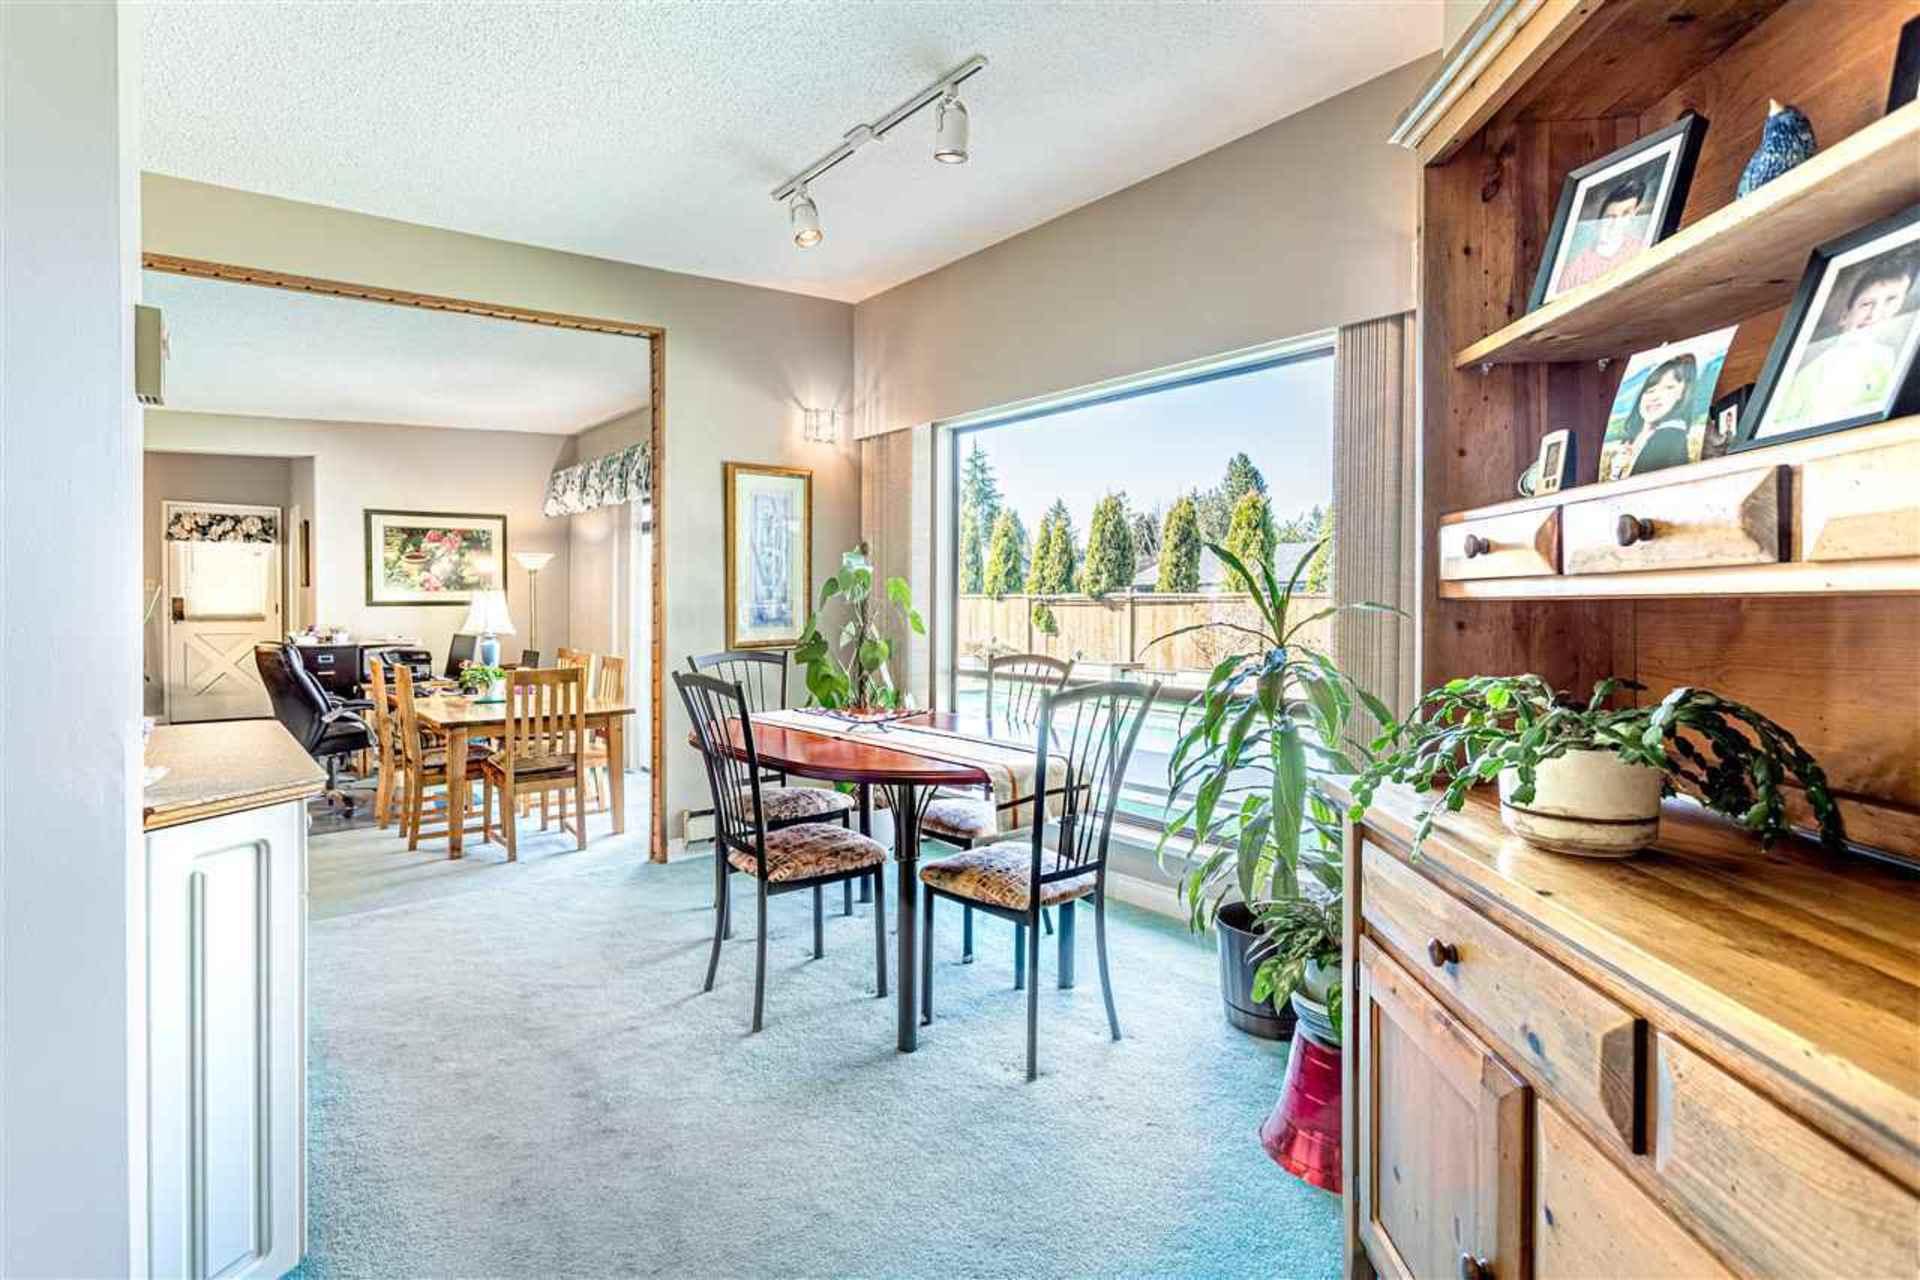 1200-cottonwood-avenue-central-coquitlam-coquitlam-05 at 1200 Cottonwood Avenue, Central Coquitlam, Coquitlam